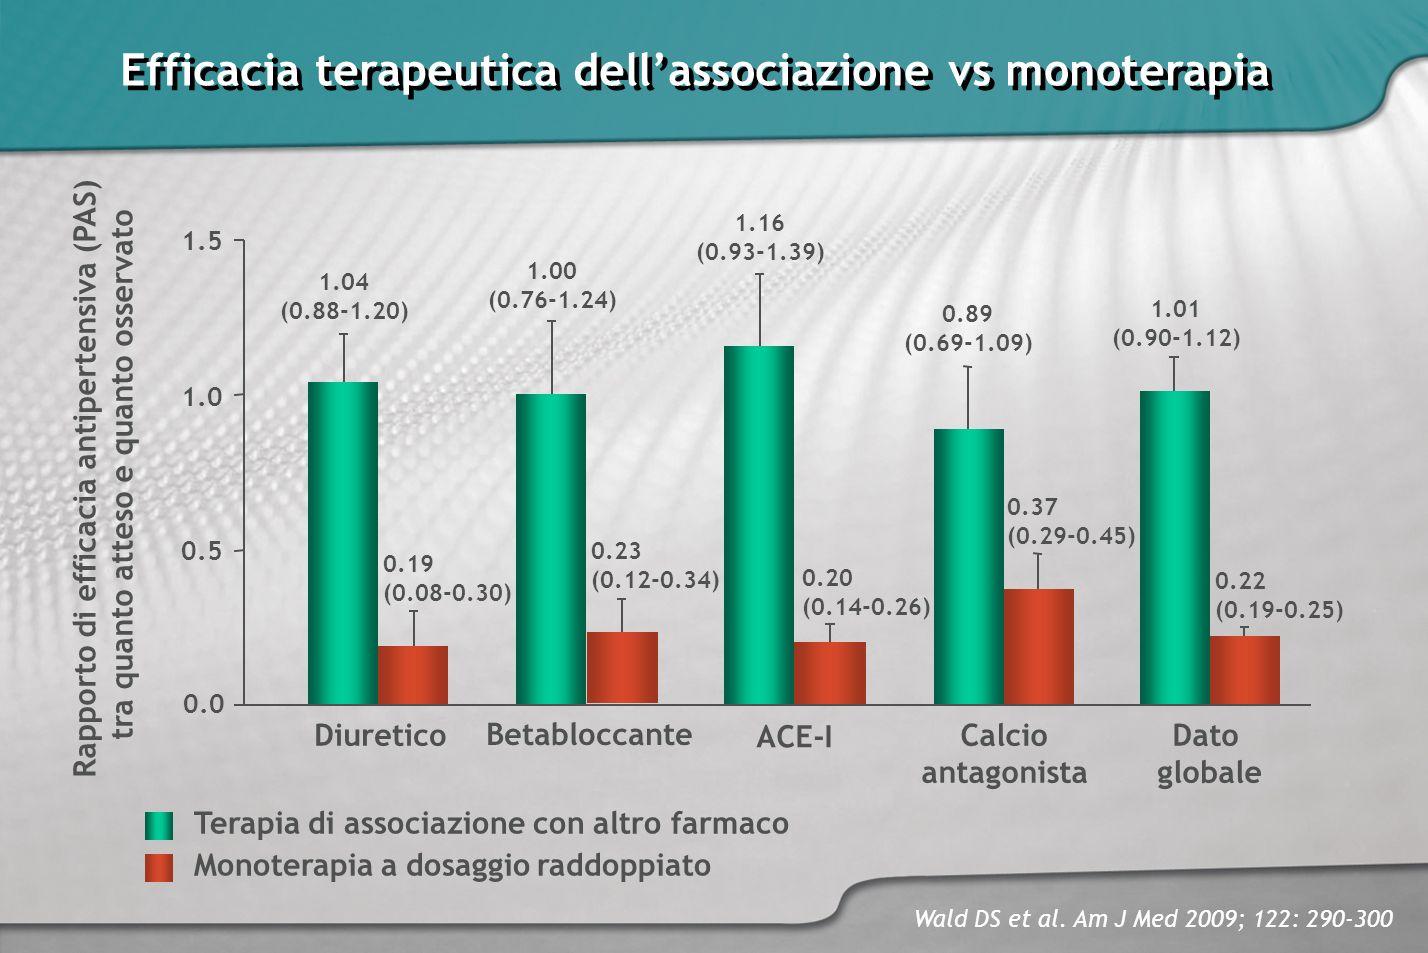 Efficacia terapeutica dell'associazione vs monoterapia